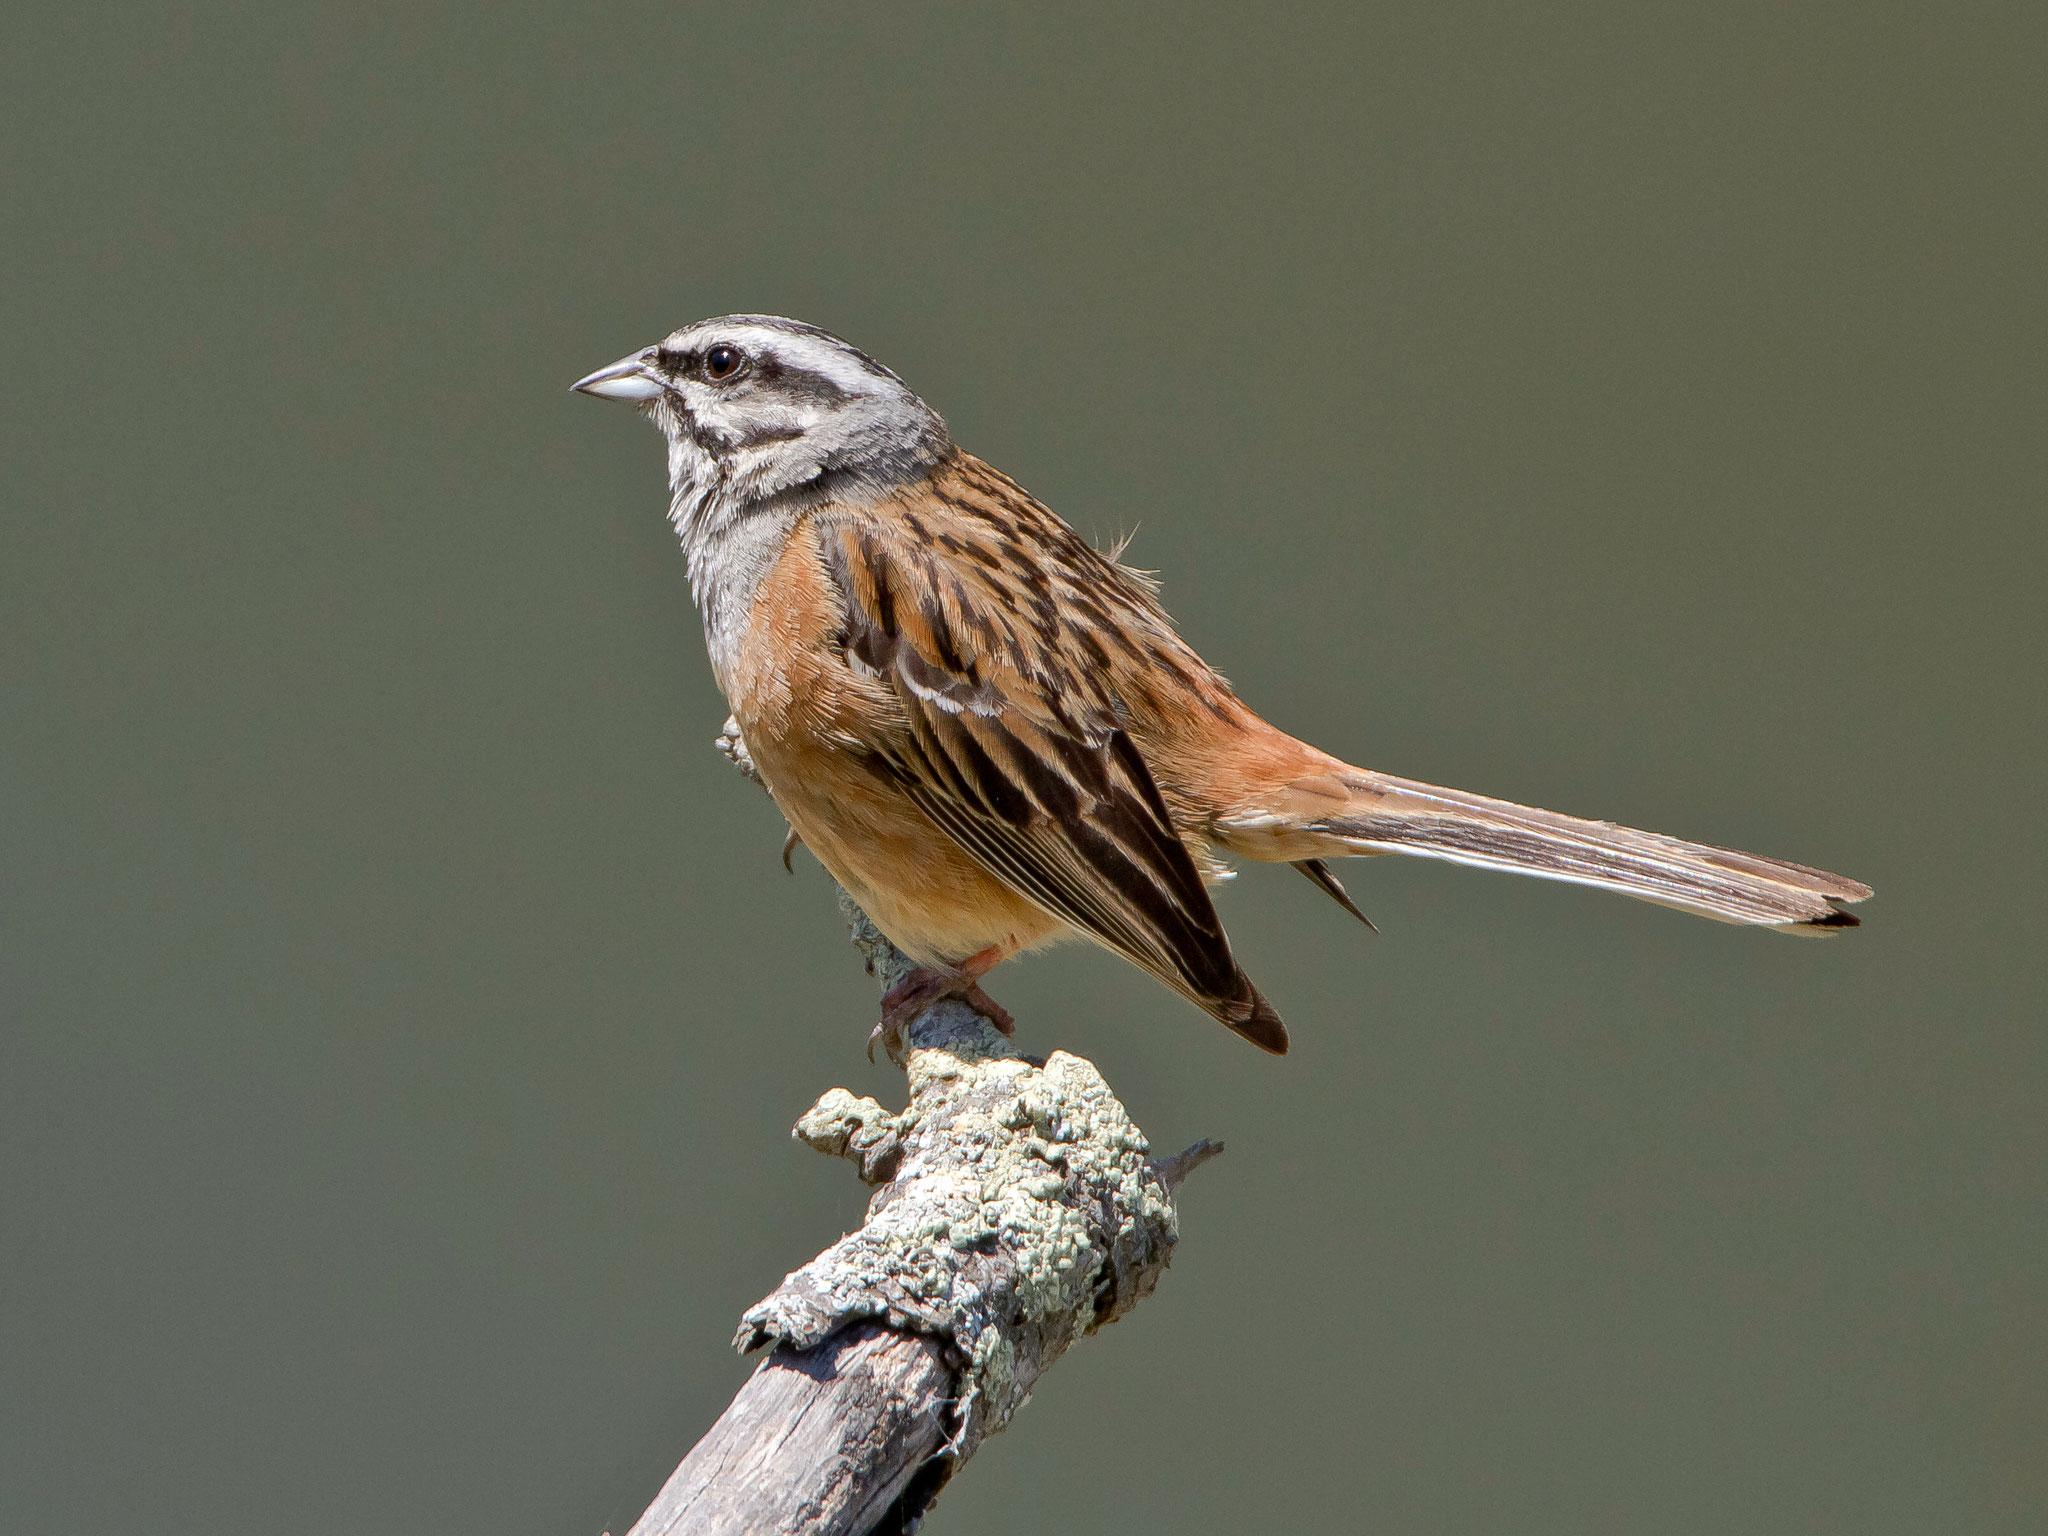 Zippammer, Monfragüe (Extremadura), Spanien